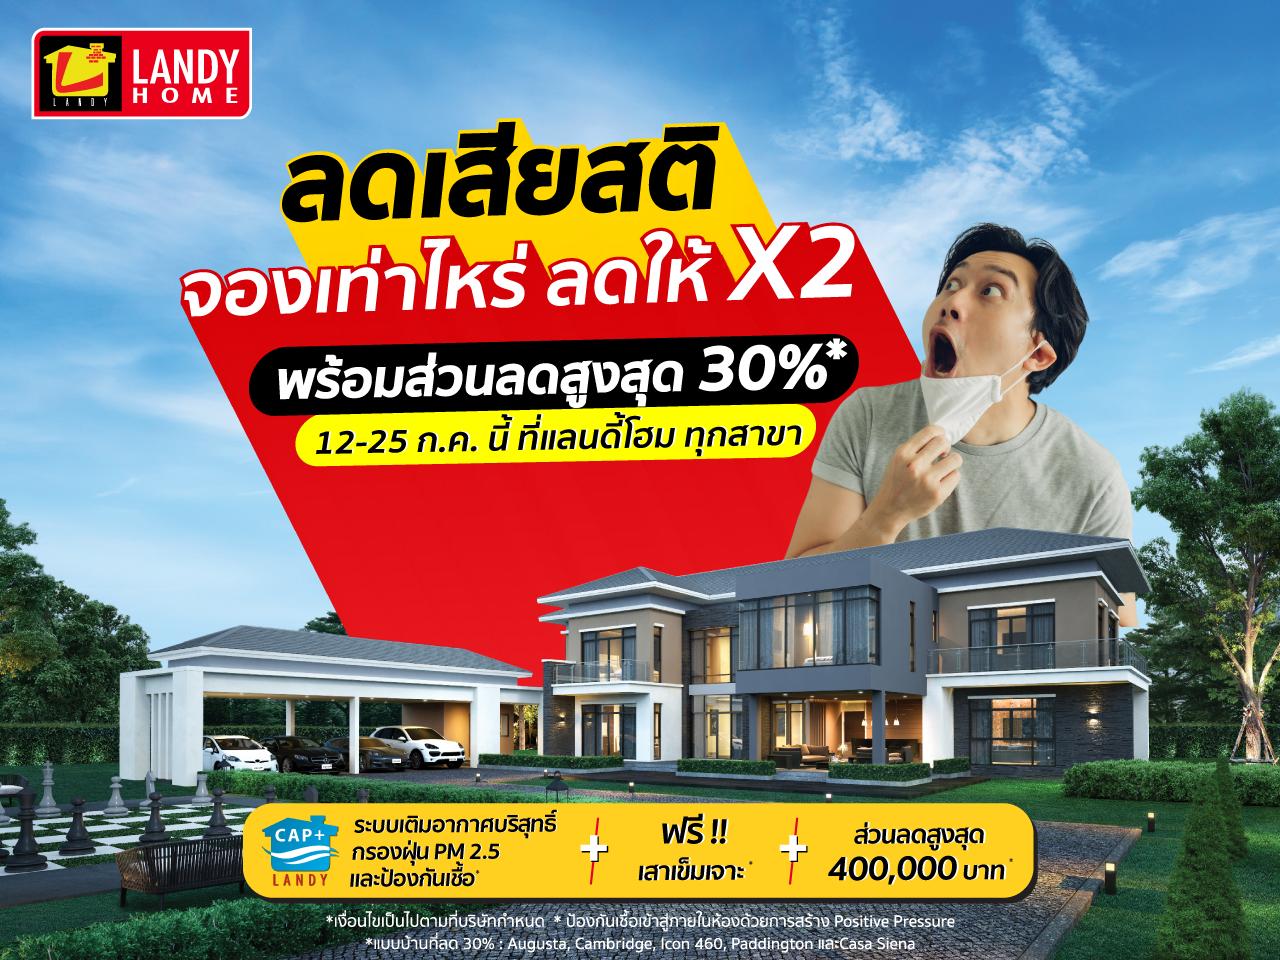 landy - 240421 - A1 mobile